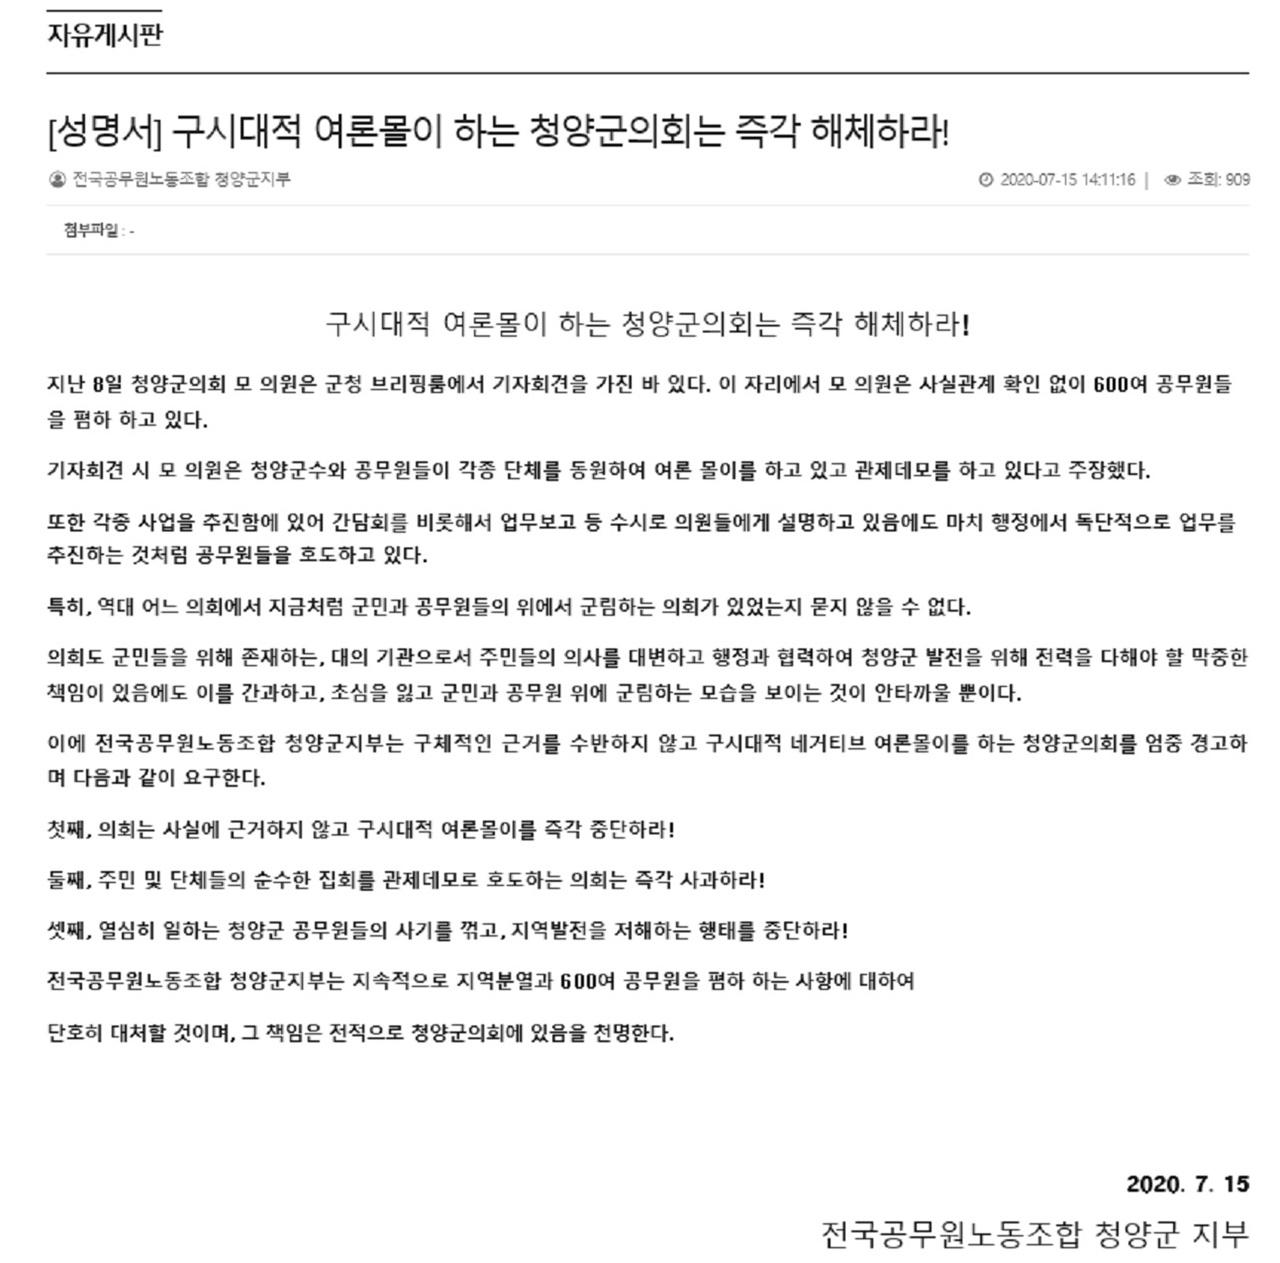 전국공무원노동조합 청양군지부가 지난 15일 청양신문 자유게시판에 올린 성명서 전문.